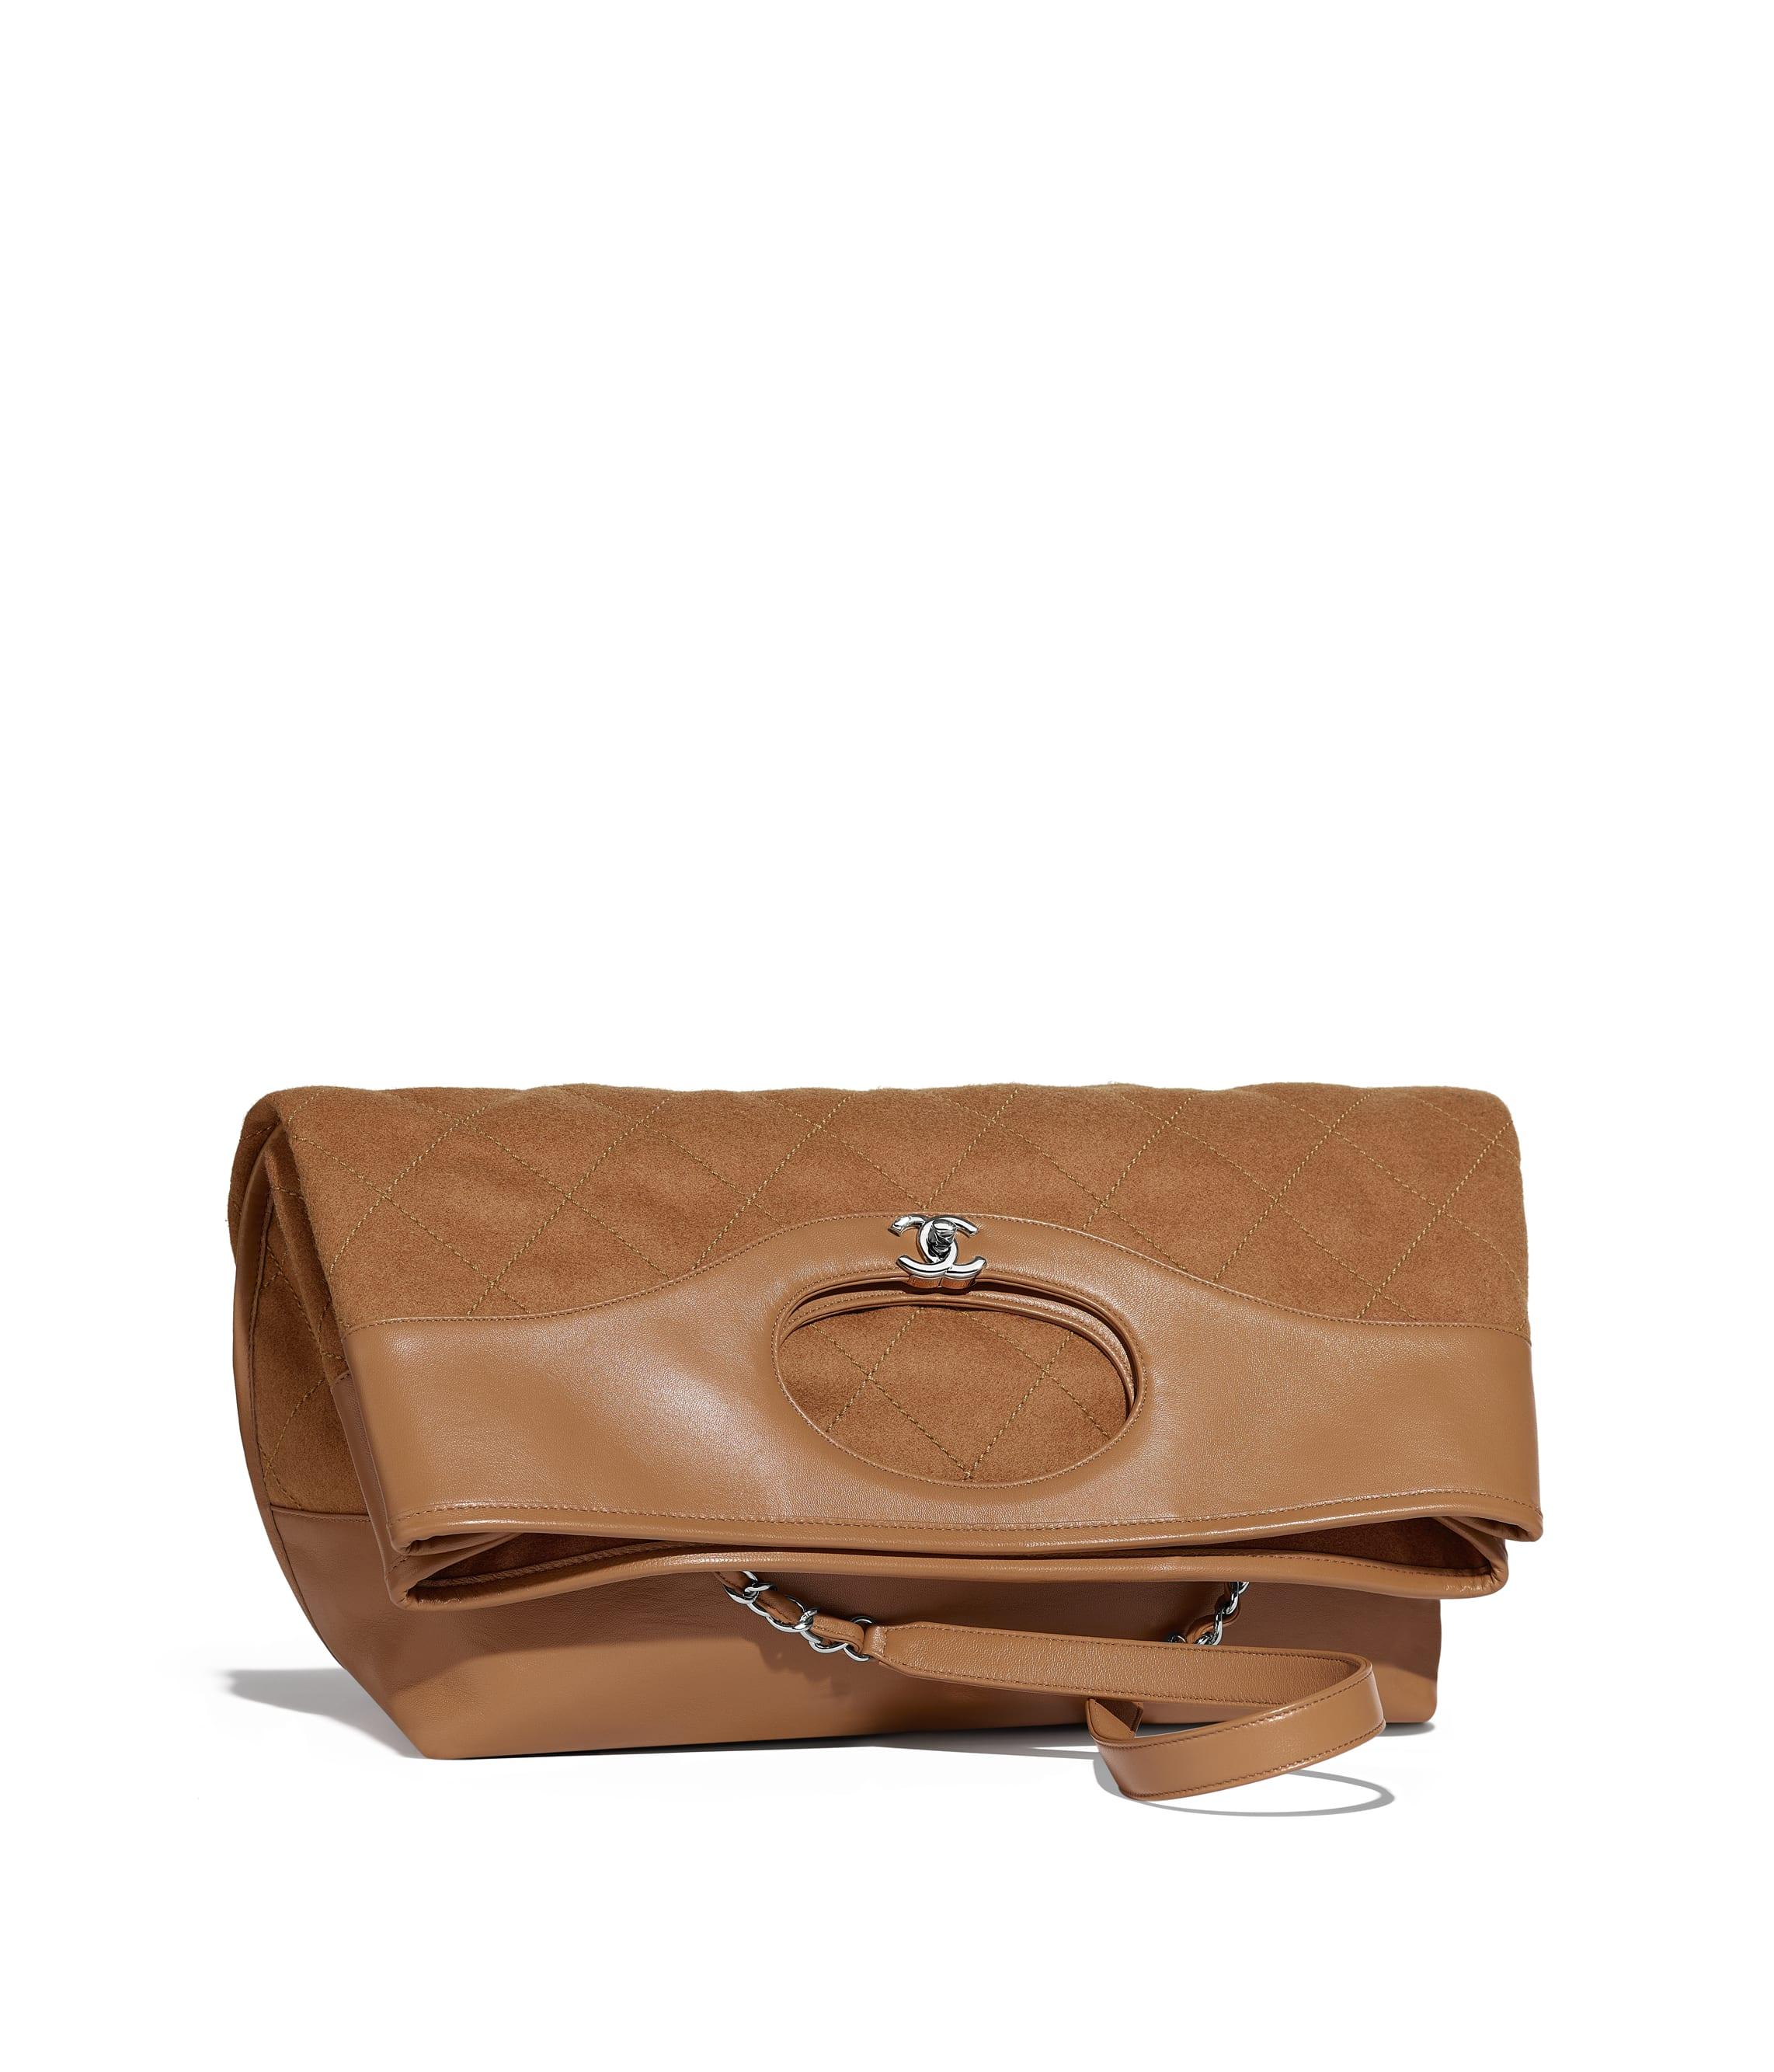 กระเป๋าช้อปปิ้ง CHANEL 31 ใบใหญ่